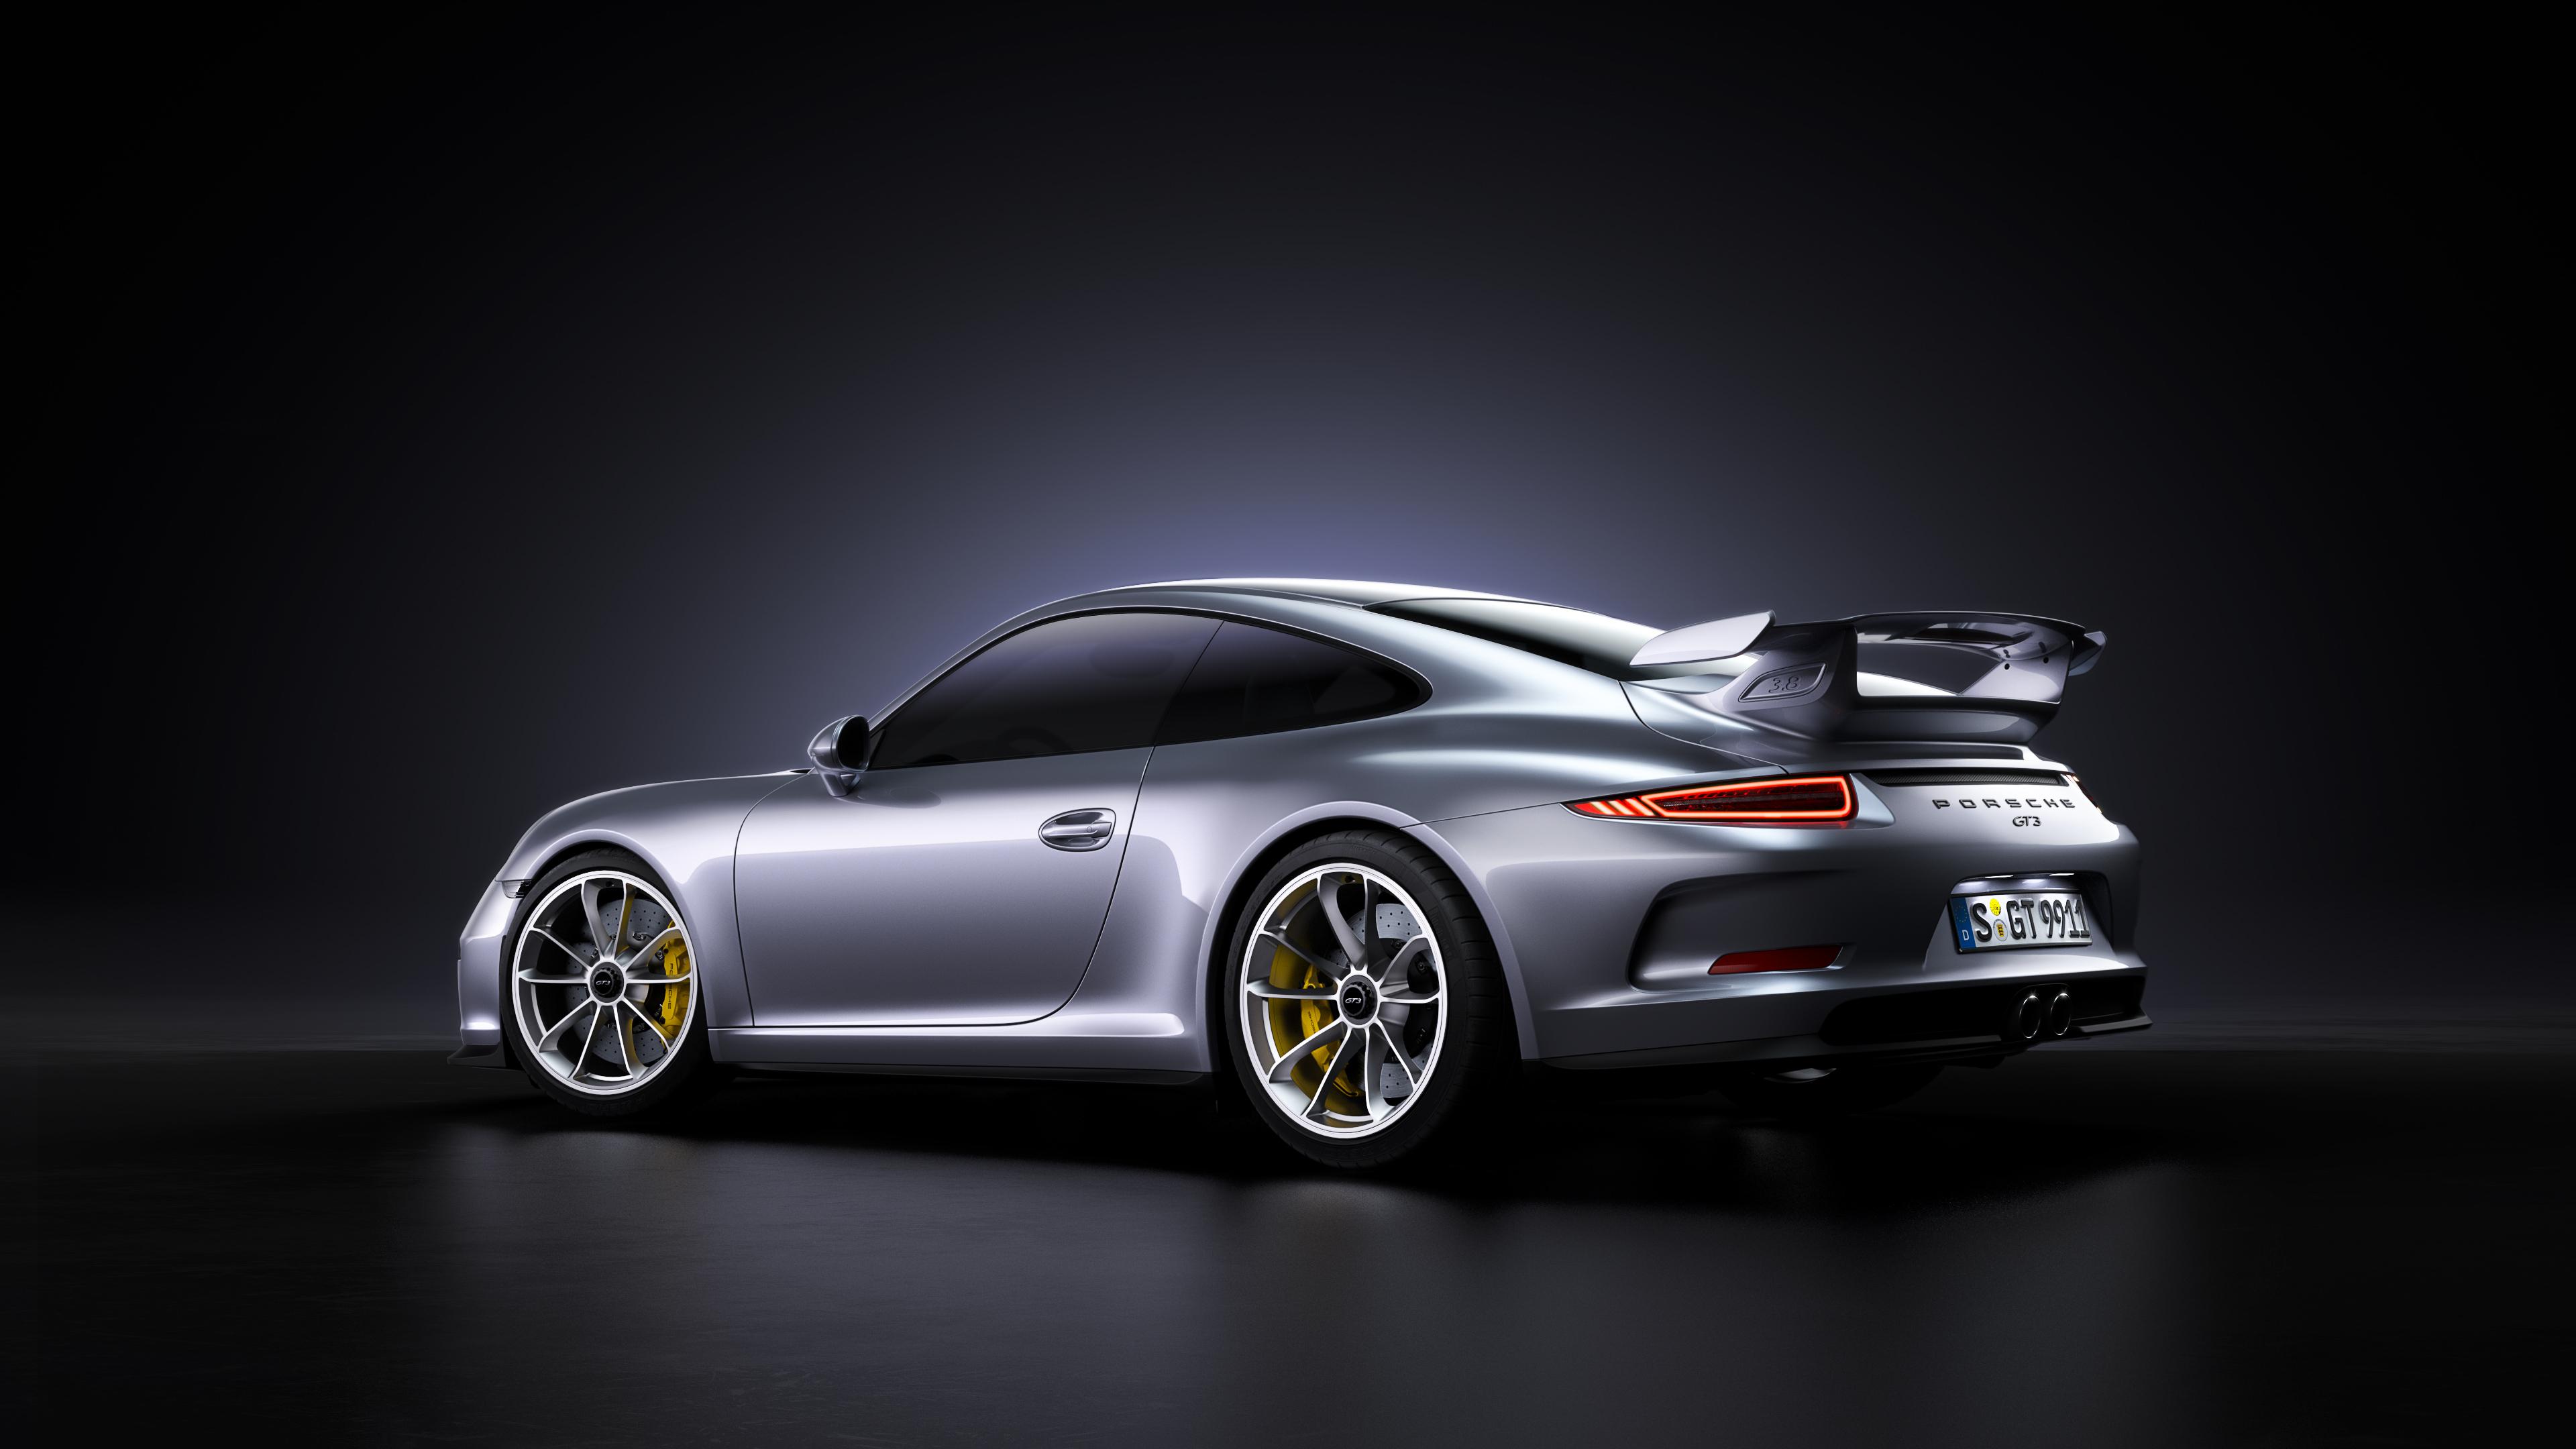 Wallpaper 4k Porsche 911 Gt3 4k Rear 2018 Cars Wallpapers 4k Wallpapers Behance Wallpapers Cars Wallpapers Hd Wallpapers Porsche 911 Gt3 R Wallpapers Porsche 911 Wallpapers Porsche Wallpapers